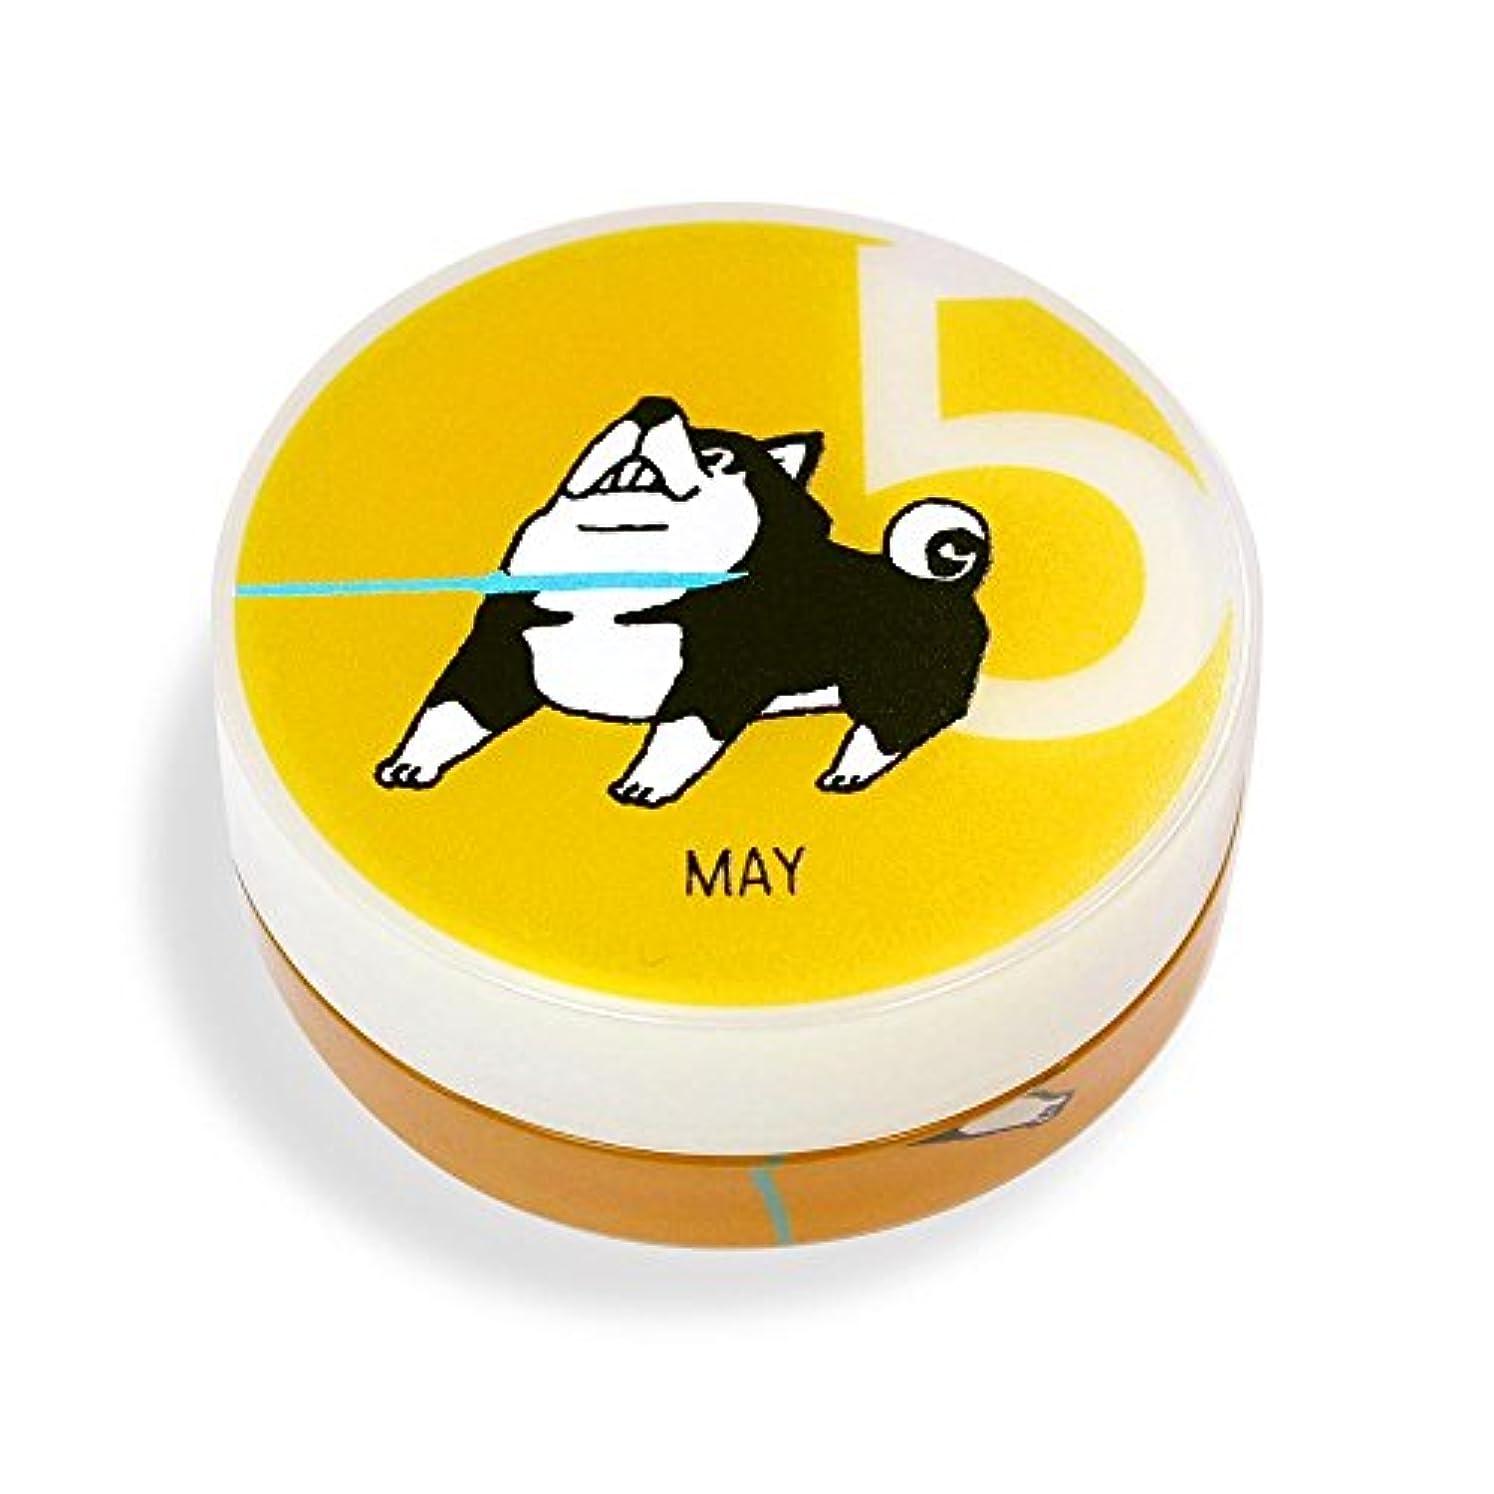 桁ミリメーター序文しばんばん フルプルクリーム 誕生月シリーズ 5月 20g